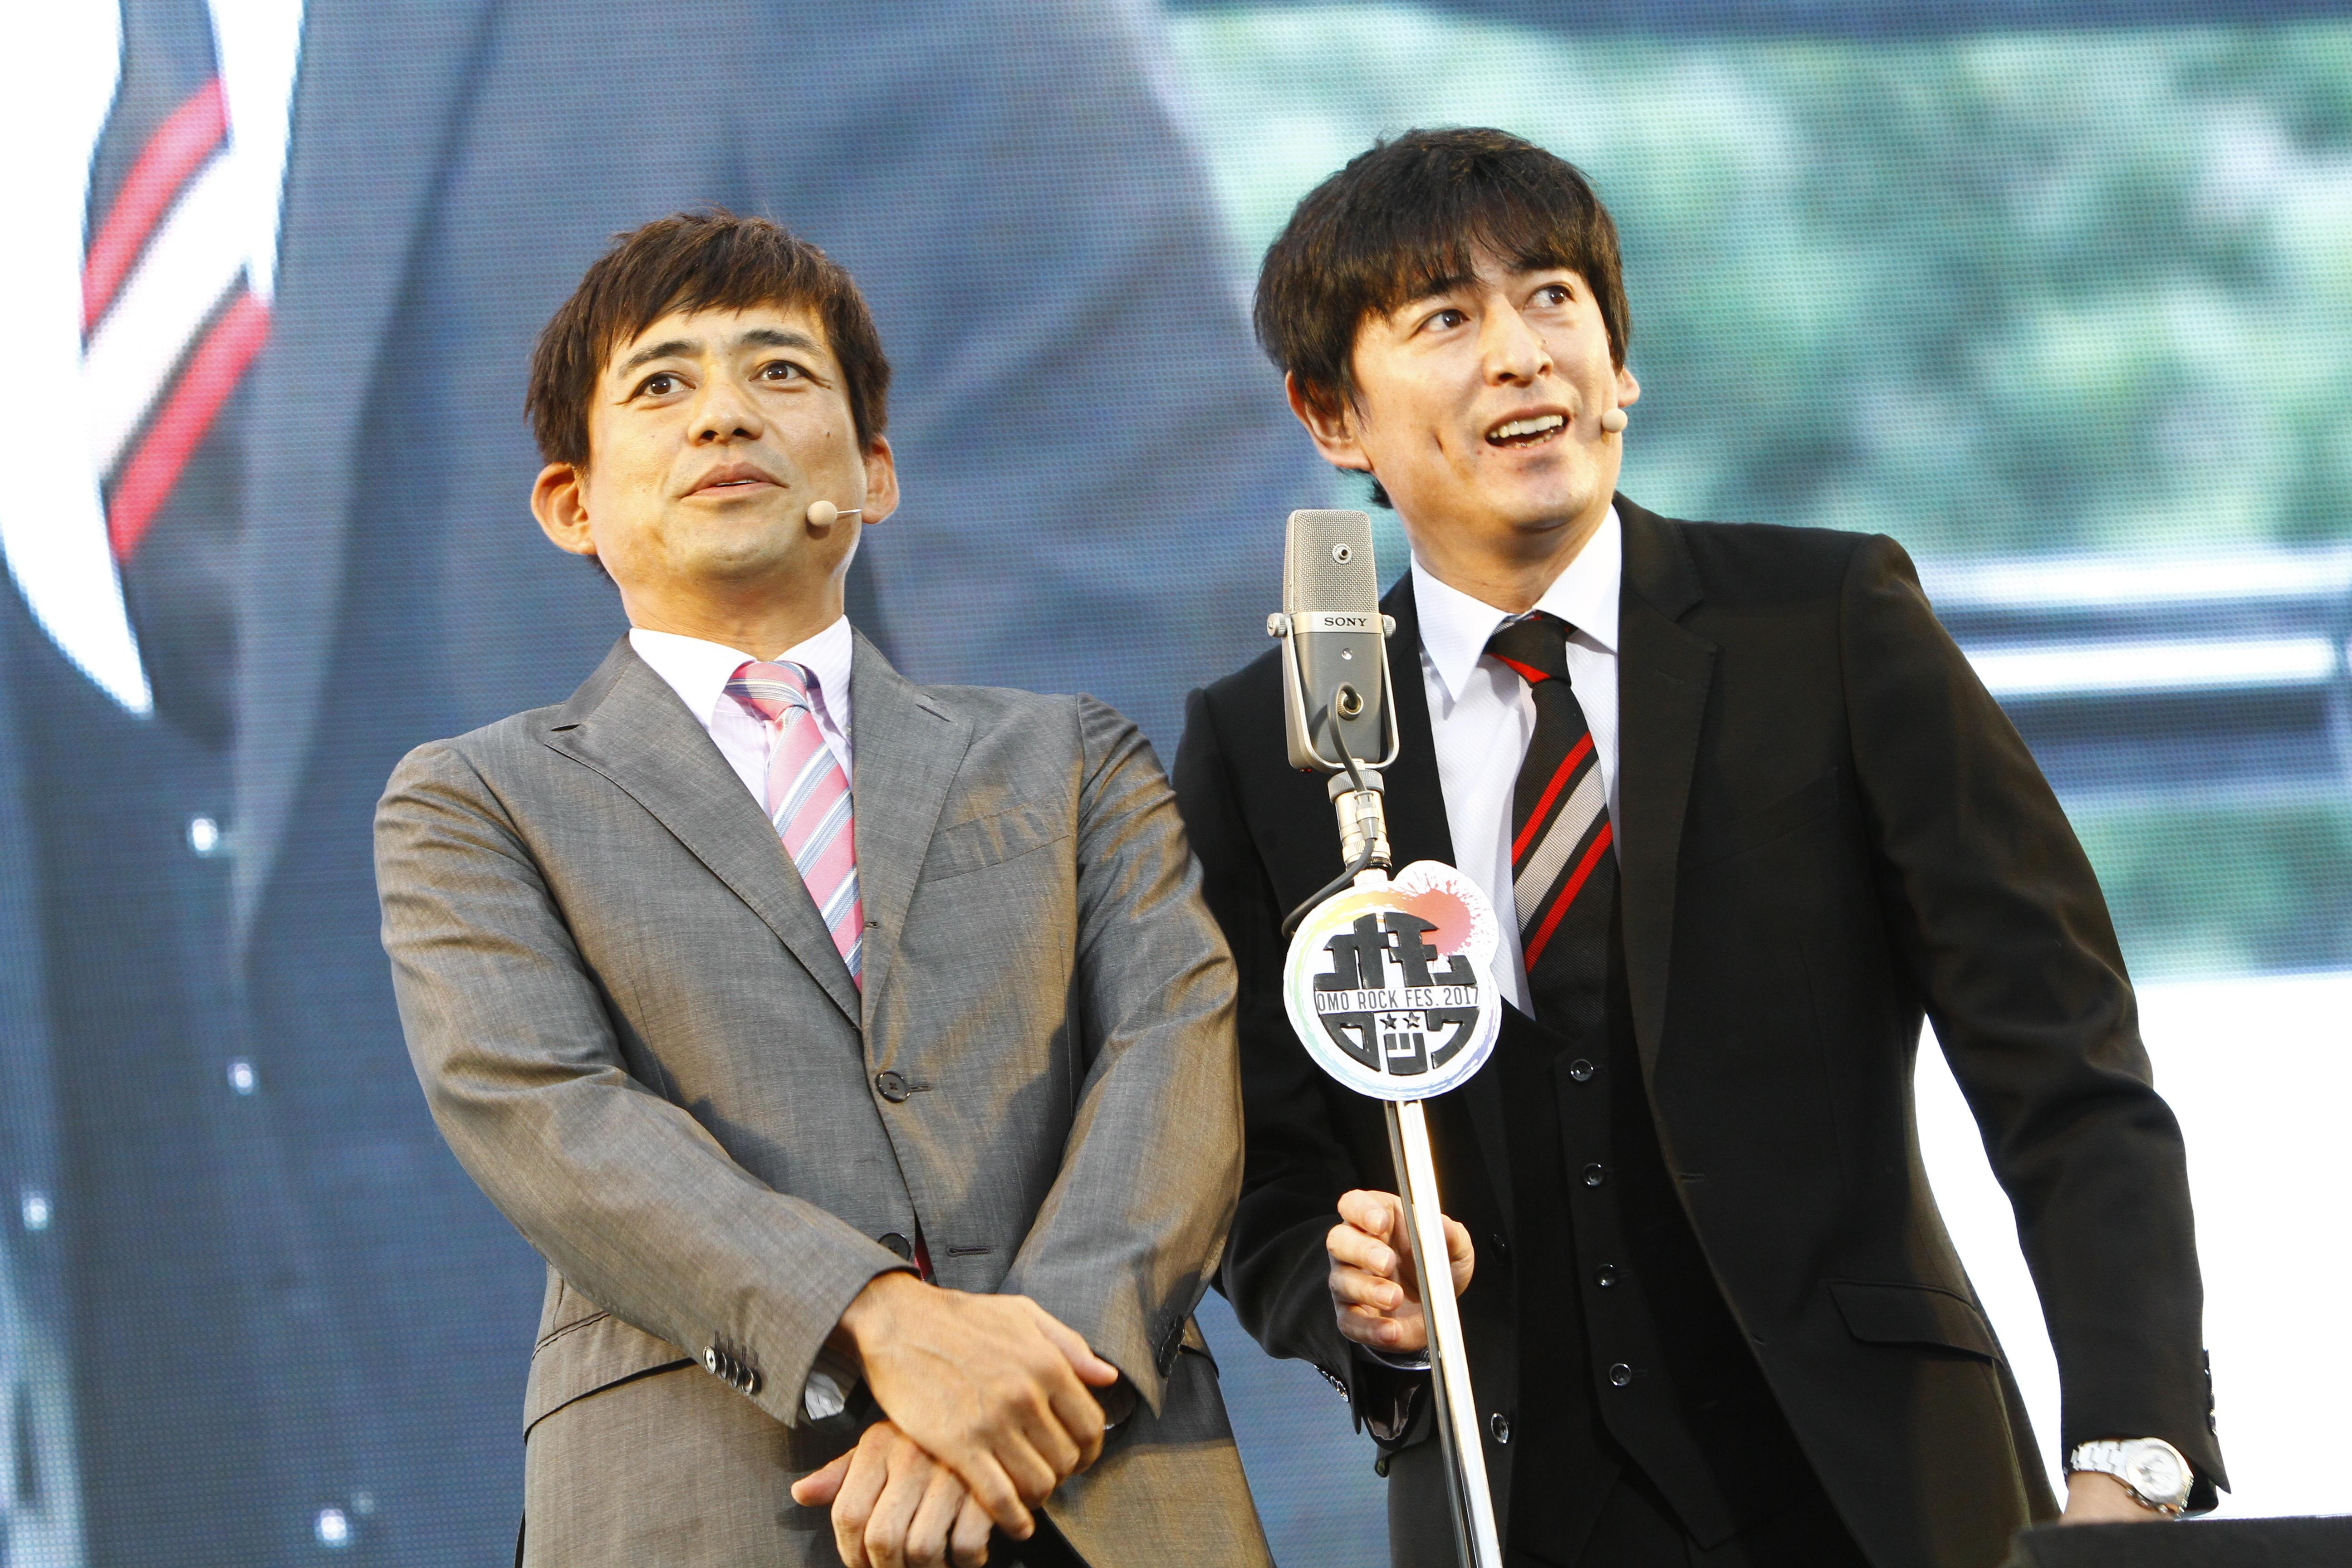 http://news.yoshimoto.co.jp/20170807020742-9ad0a31d73065edcdf99c0f992bb3fcf1a9b6b2a.jpg